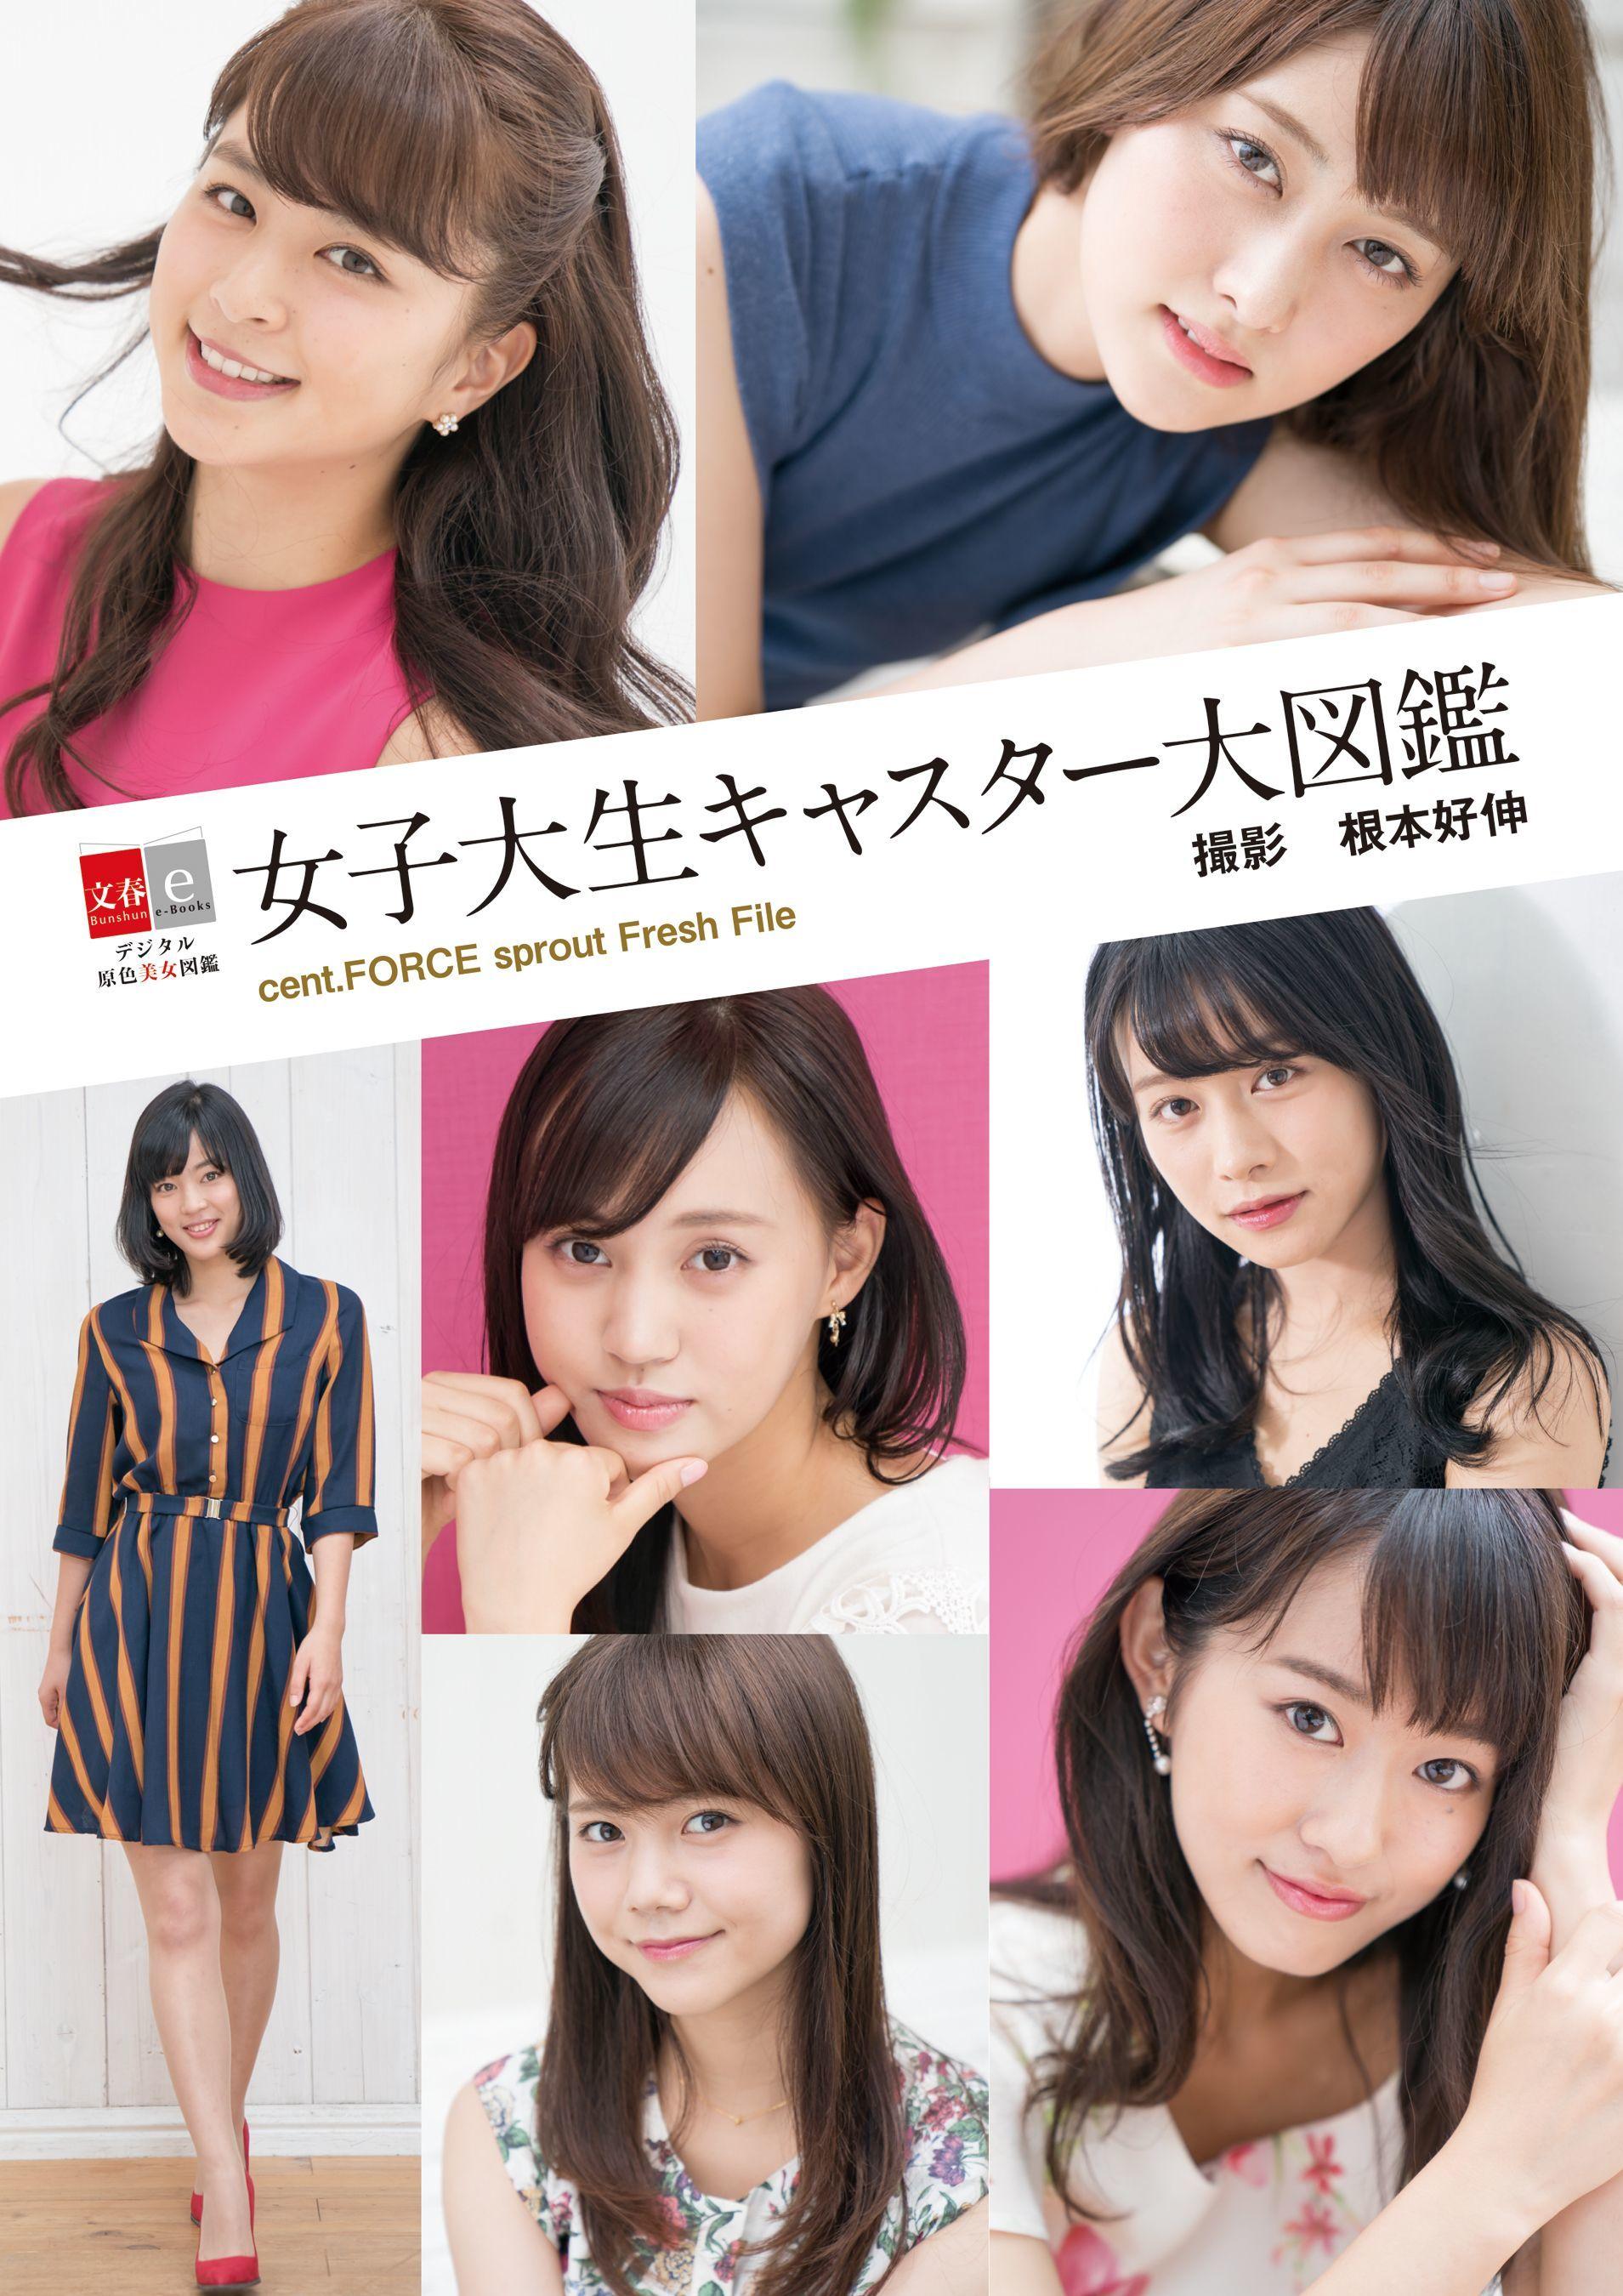 http://www.atpress.ne.jp/releases/167779/img_167779_1.jpg